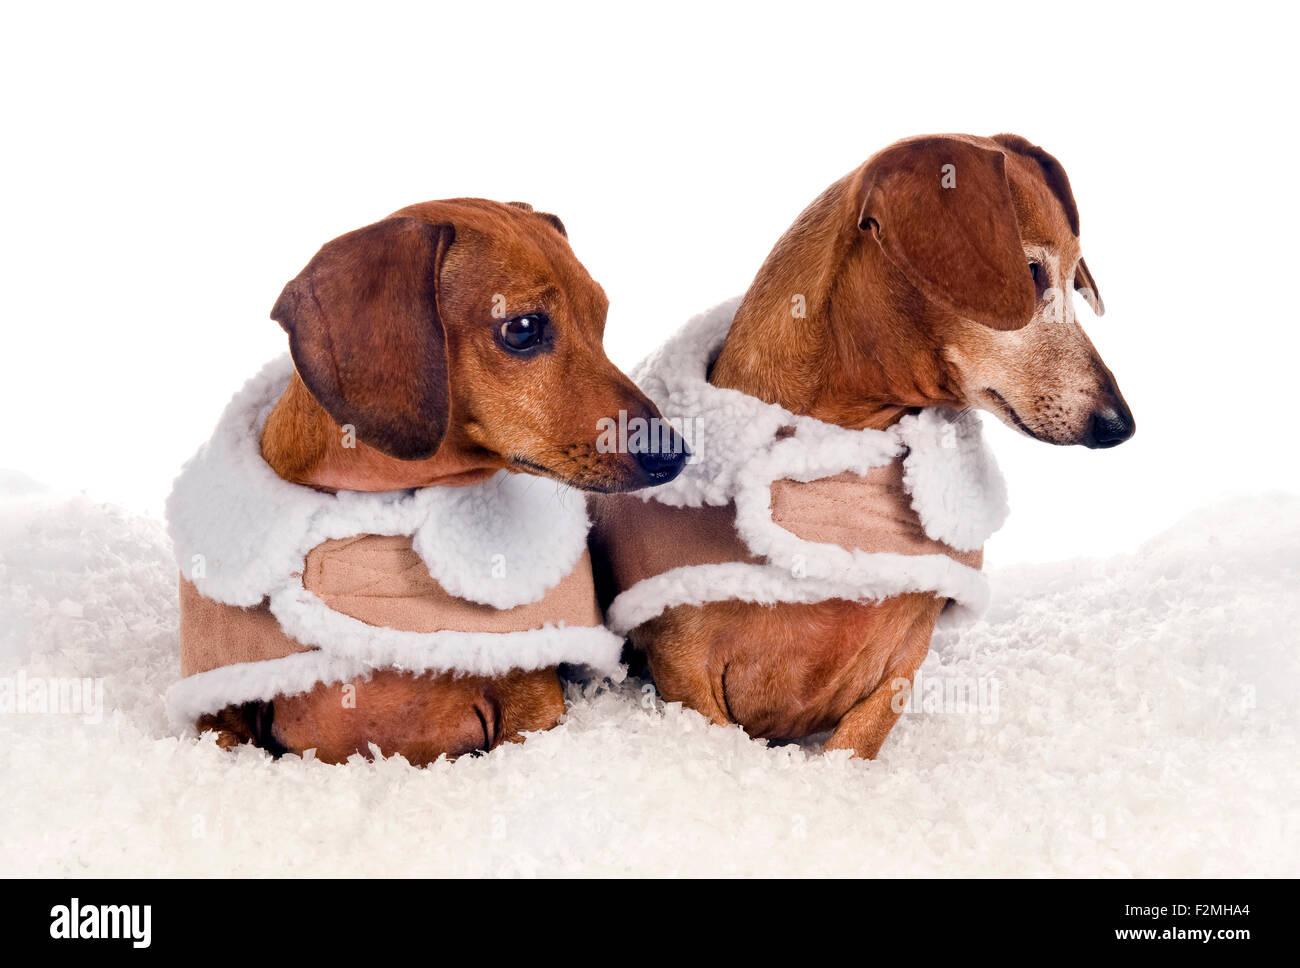 Perros Pequeños Y Bonitos Vestidos En Abrigos De Invierno Mirando